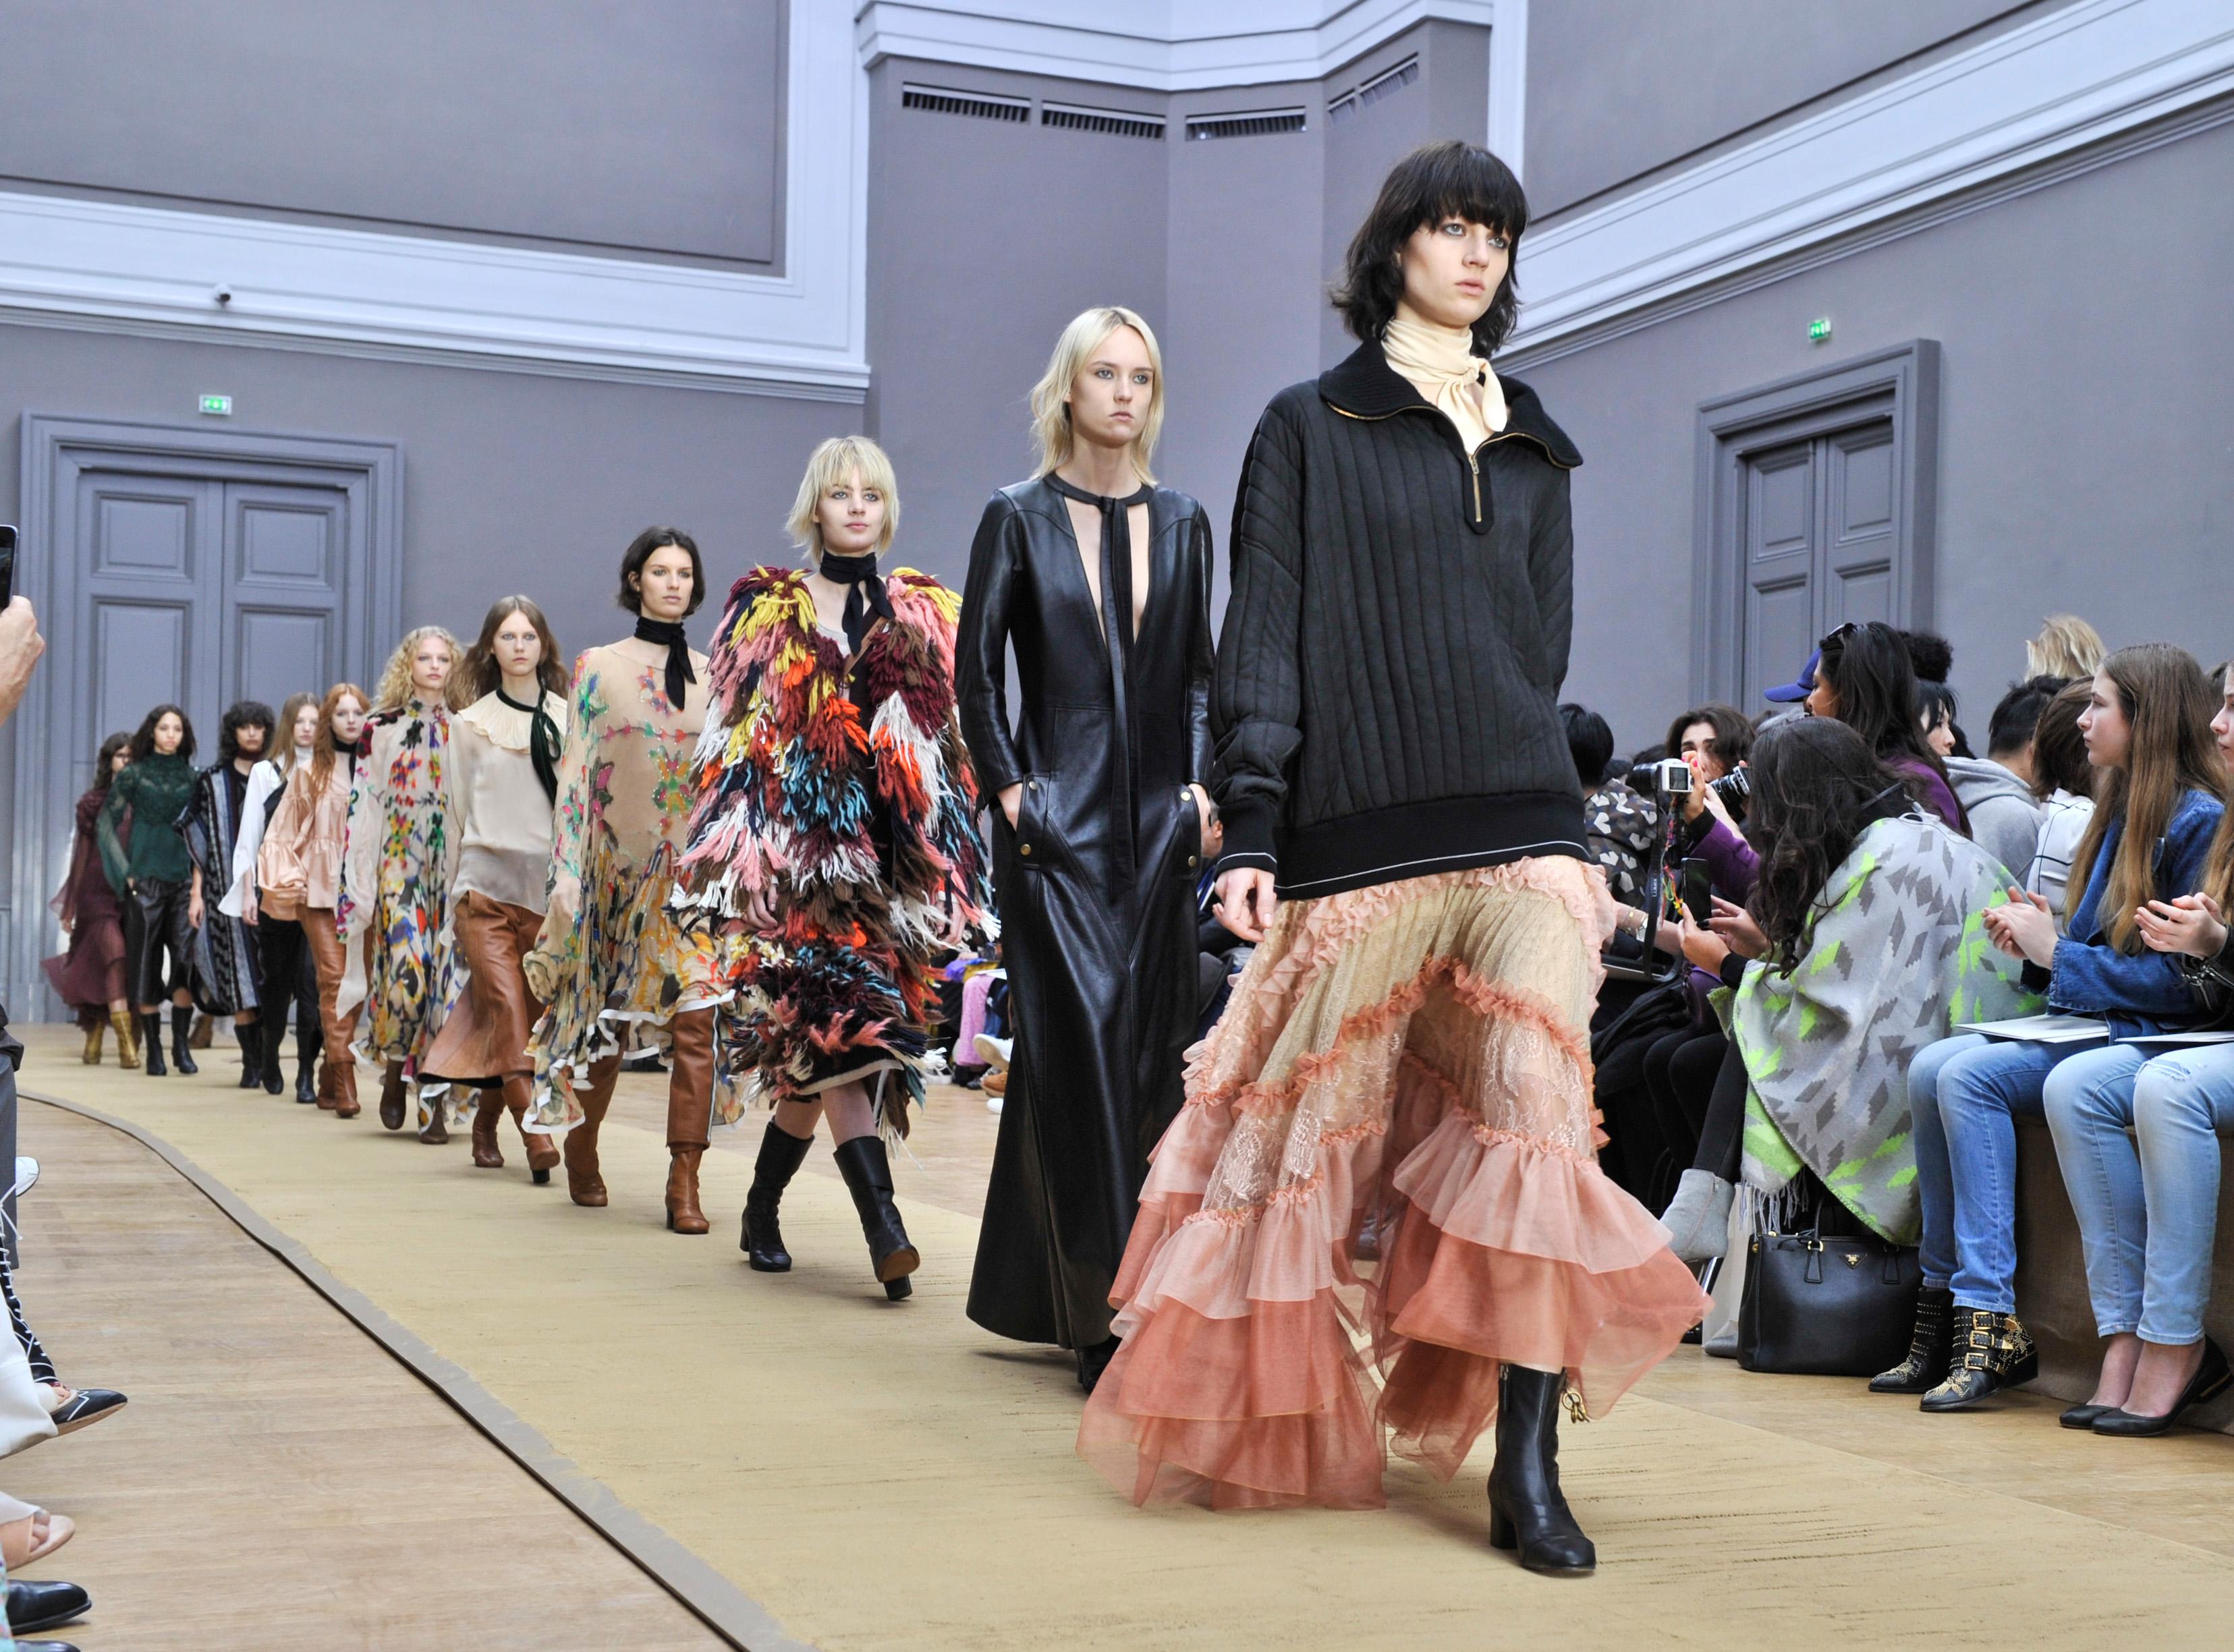 Chloe show, Autumn Winter 2016, Paris Fashion Week, France - 03 Mar 2016